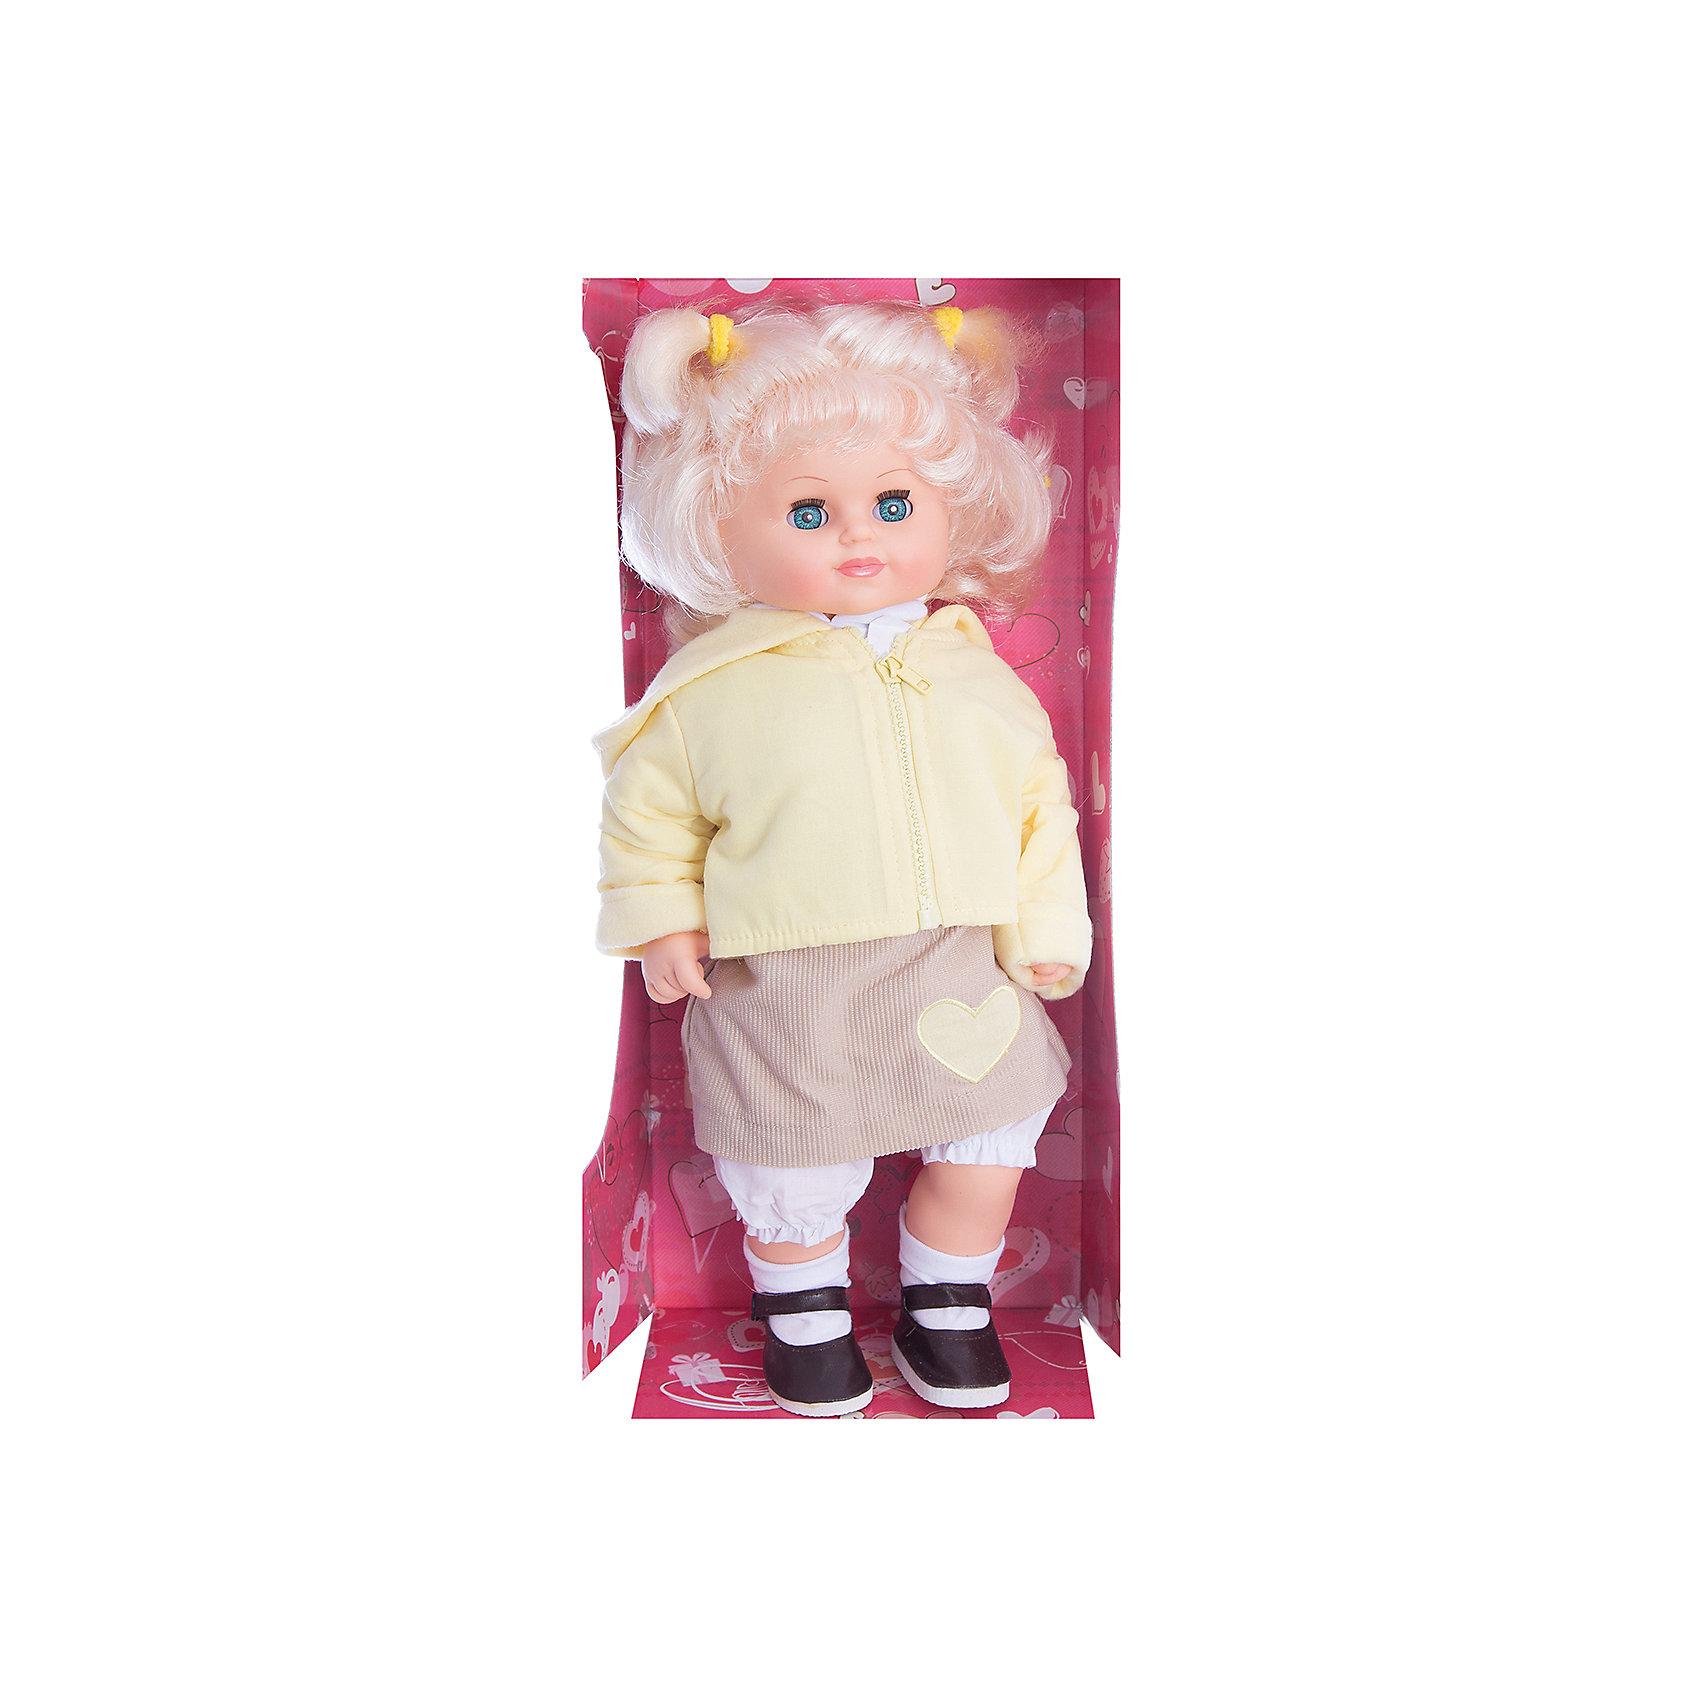 Весна Кукла Соня, со звуком, 47 см, Весна кукла весна инна в куртке со звуком 43 см